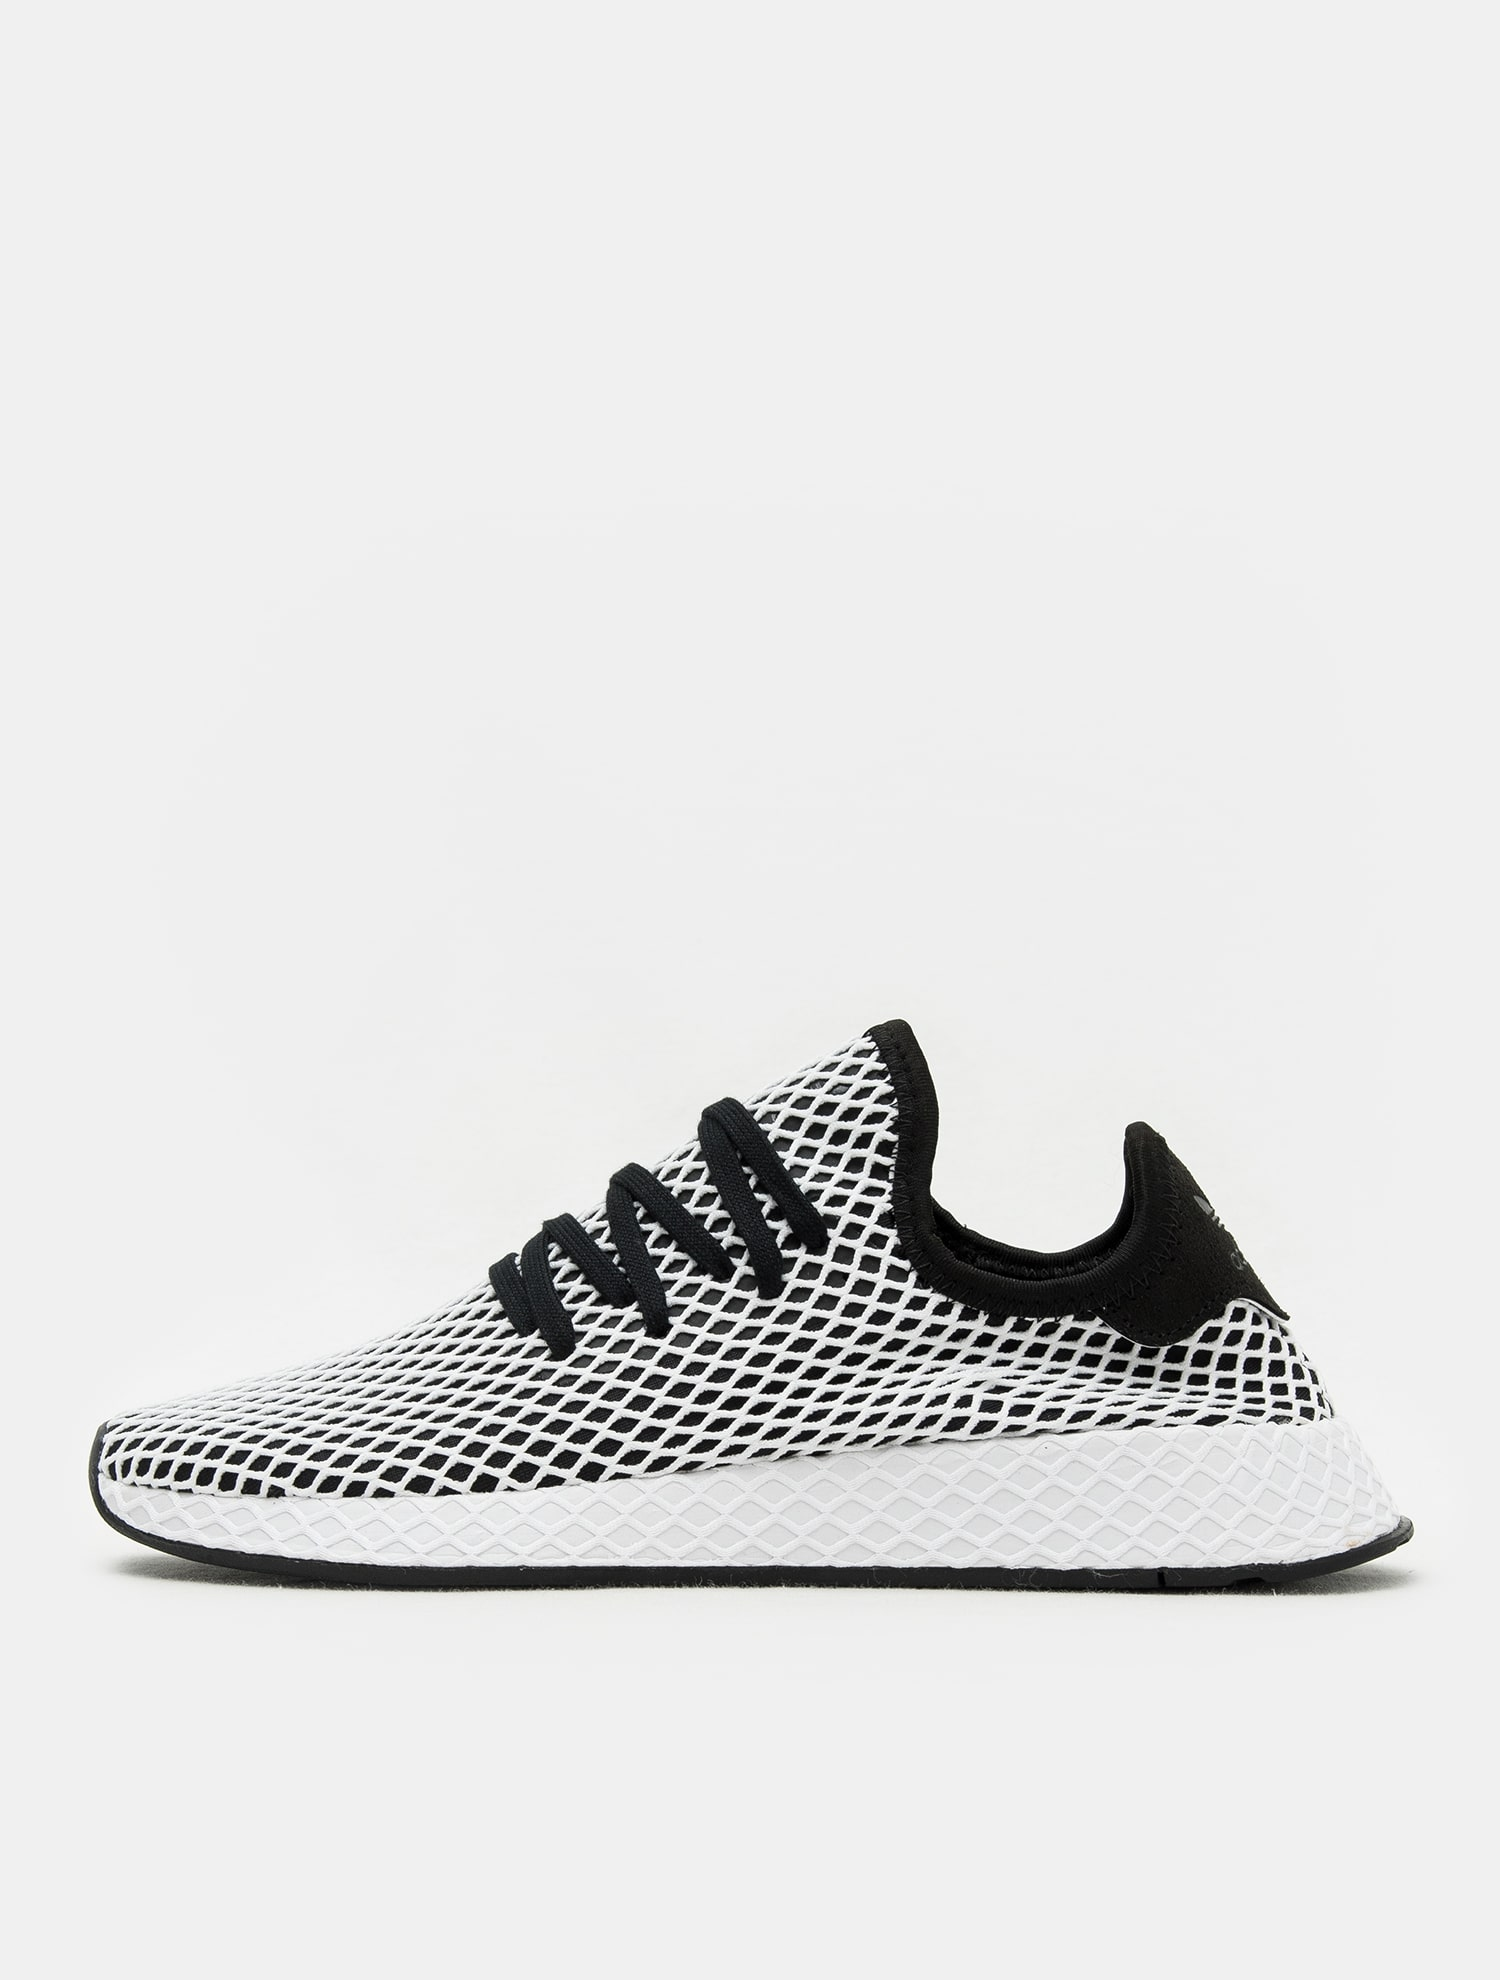 957e181ea4df9 Adidas Originals   QM84K3DID5. 18SS Deerupt Runner - Black (Men)